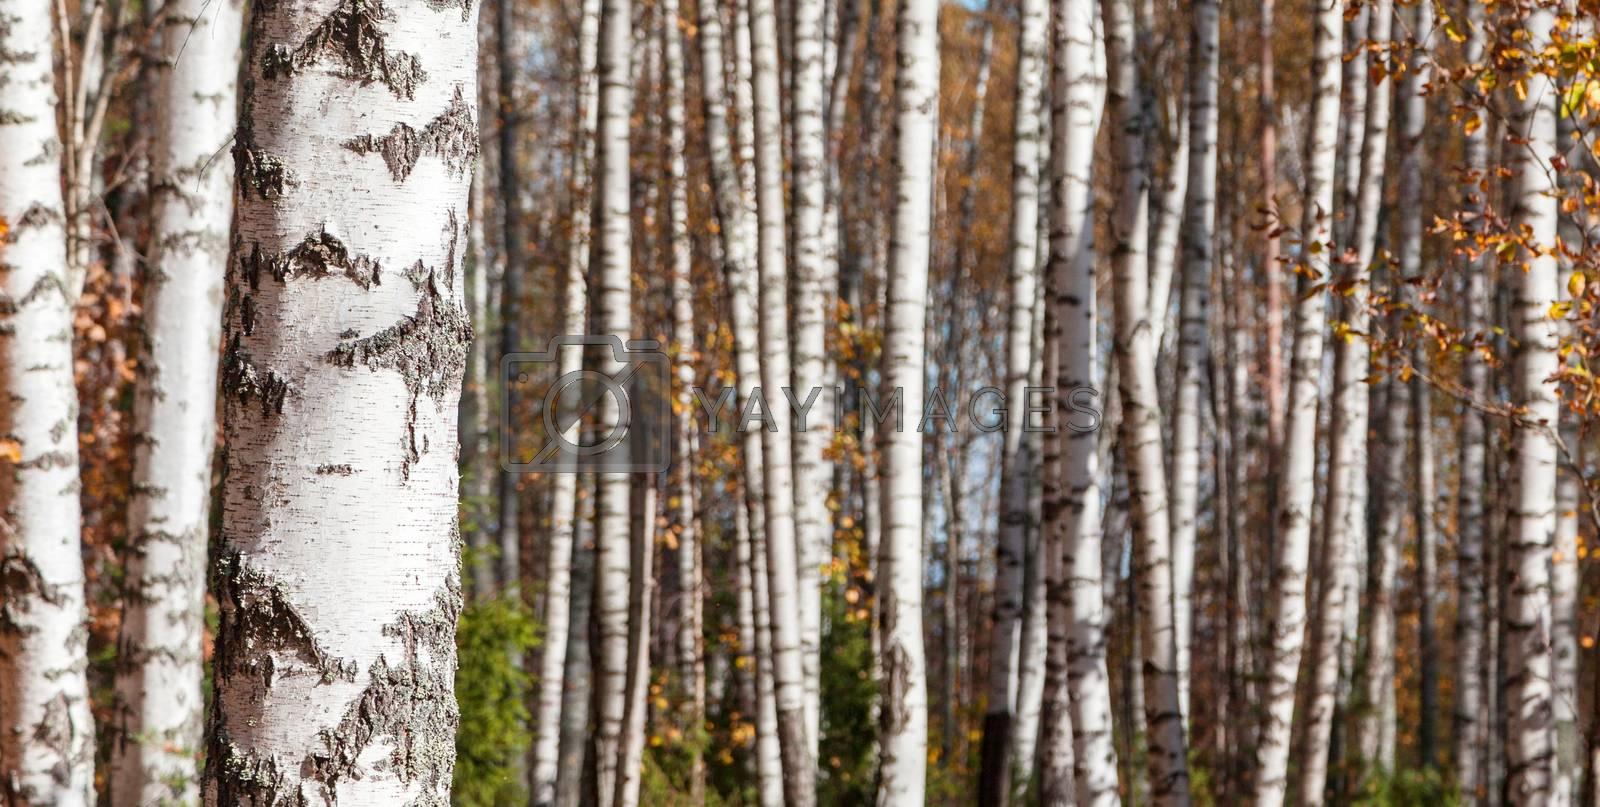 Birch forest landscape background, late autumn